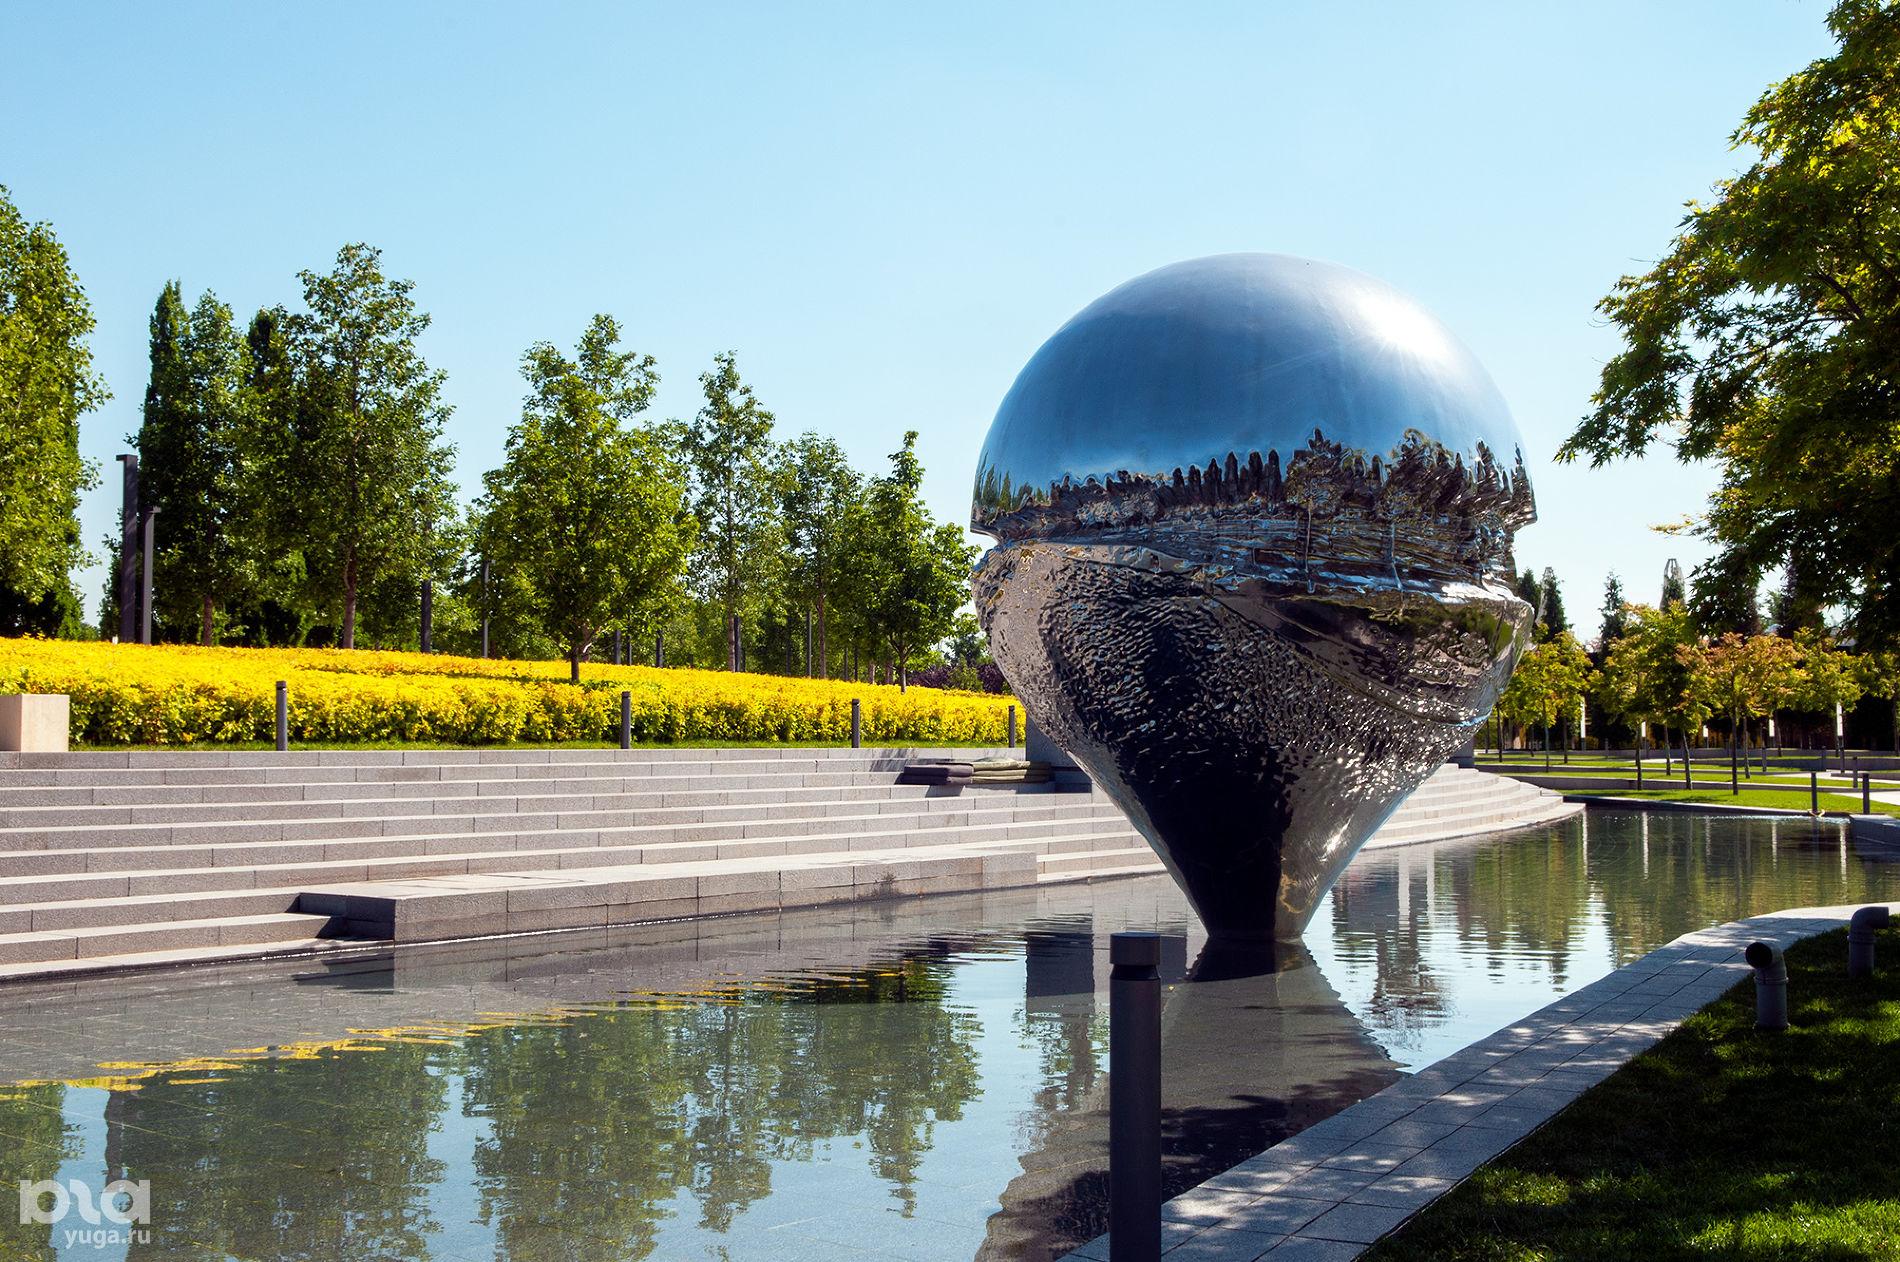 Скульптура «Геолокация» в парке «Краснодар» ©Фото Дмитрия Пославского, Юга.ру